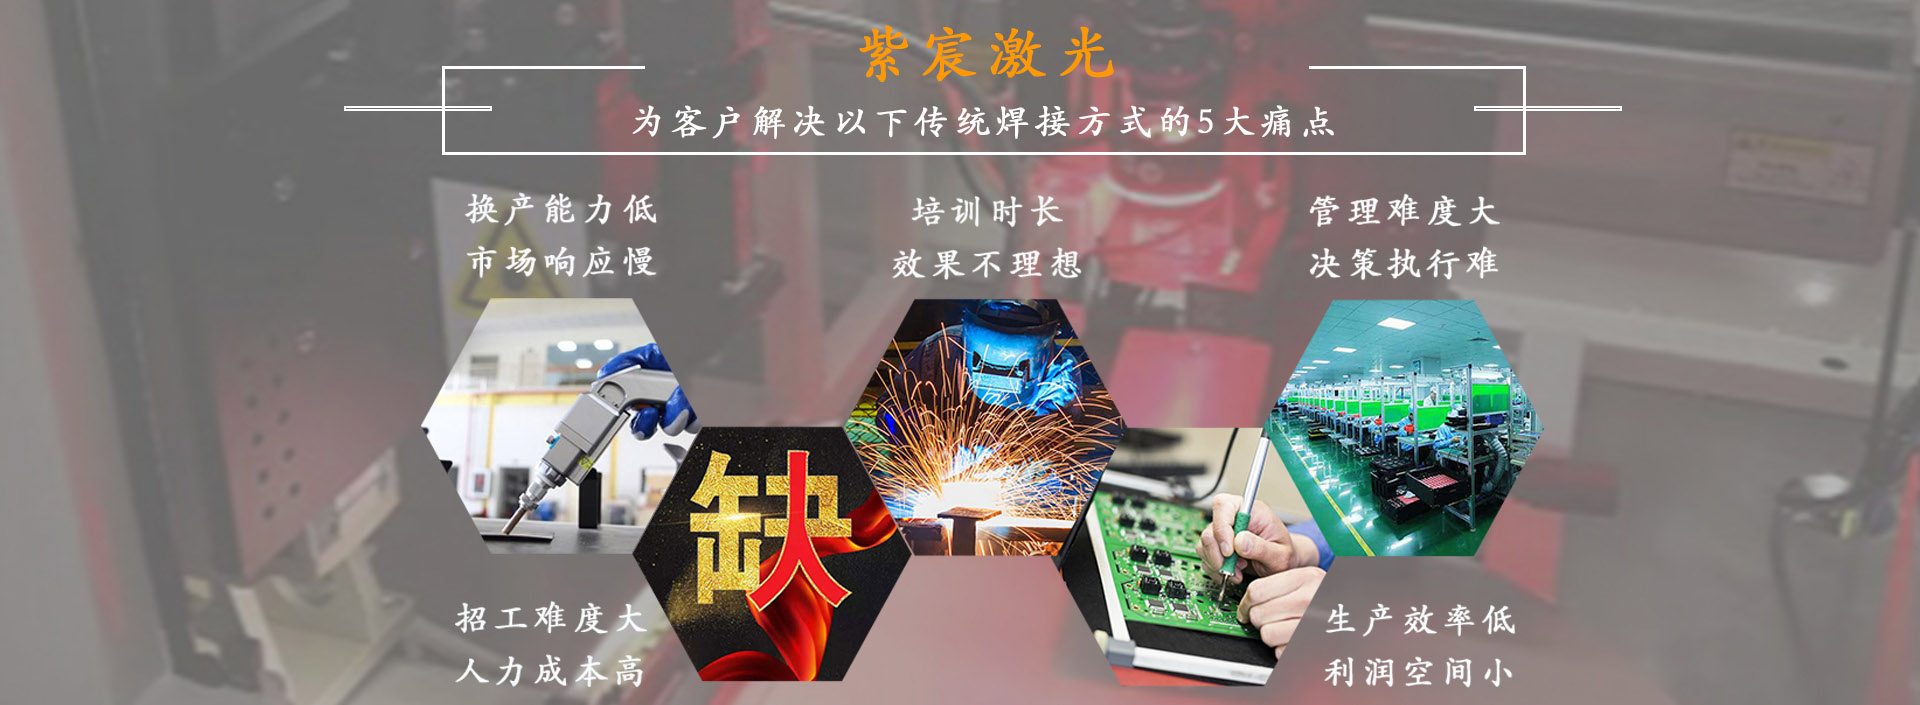 连续激光自动焊锡设备,为客户解决产能烦恼